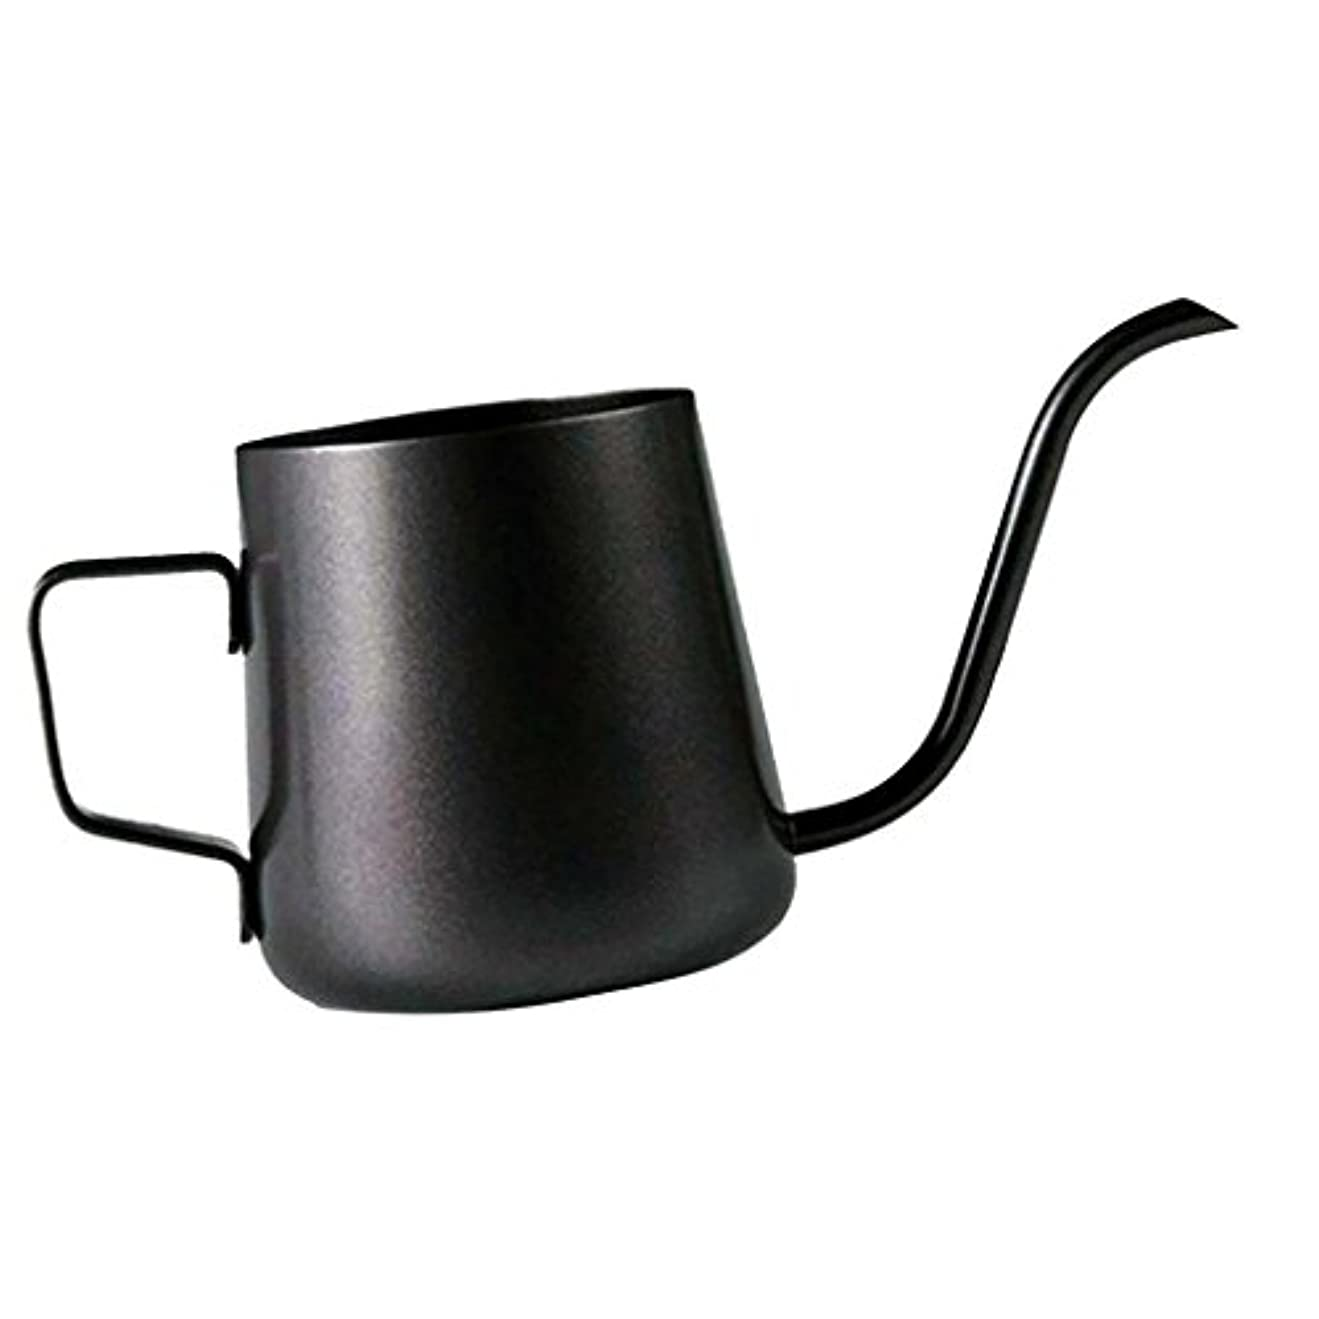 カロリーストライプテーブルを設定するHomeland コーヒーポット お茶などにも対応 クッキング用品 ステンレス製 エスプレッソポット ケトル - ブラック, 250ミリリットル